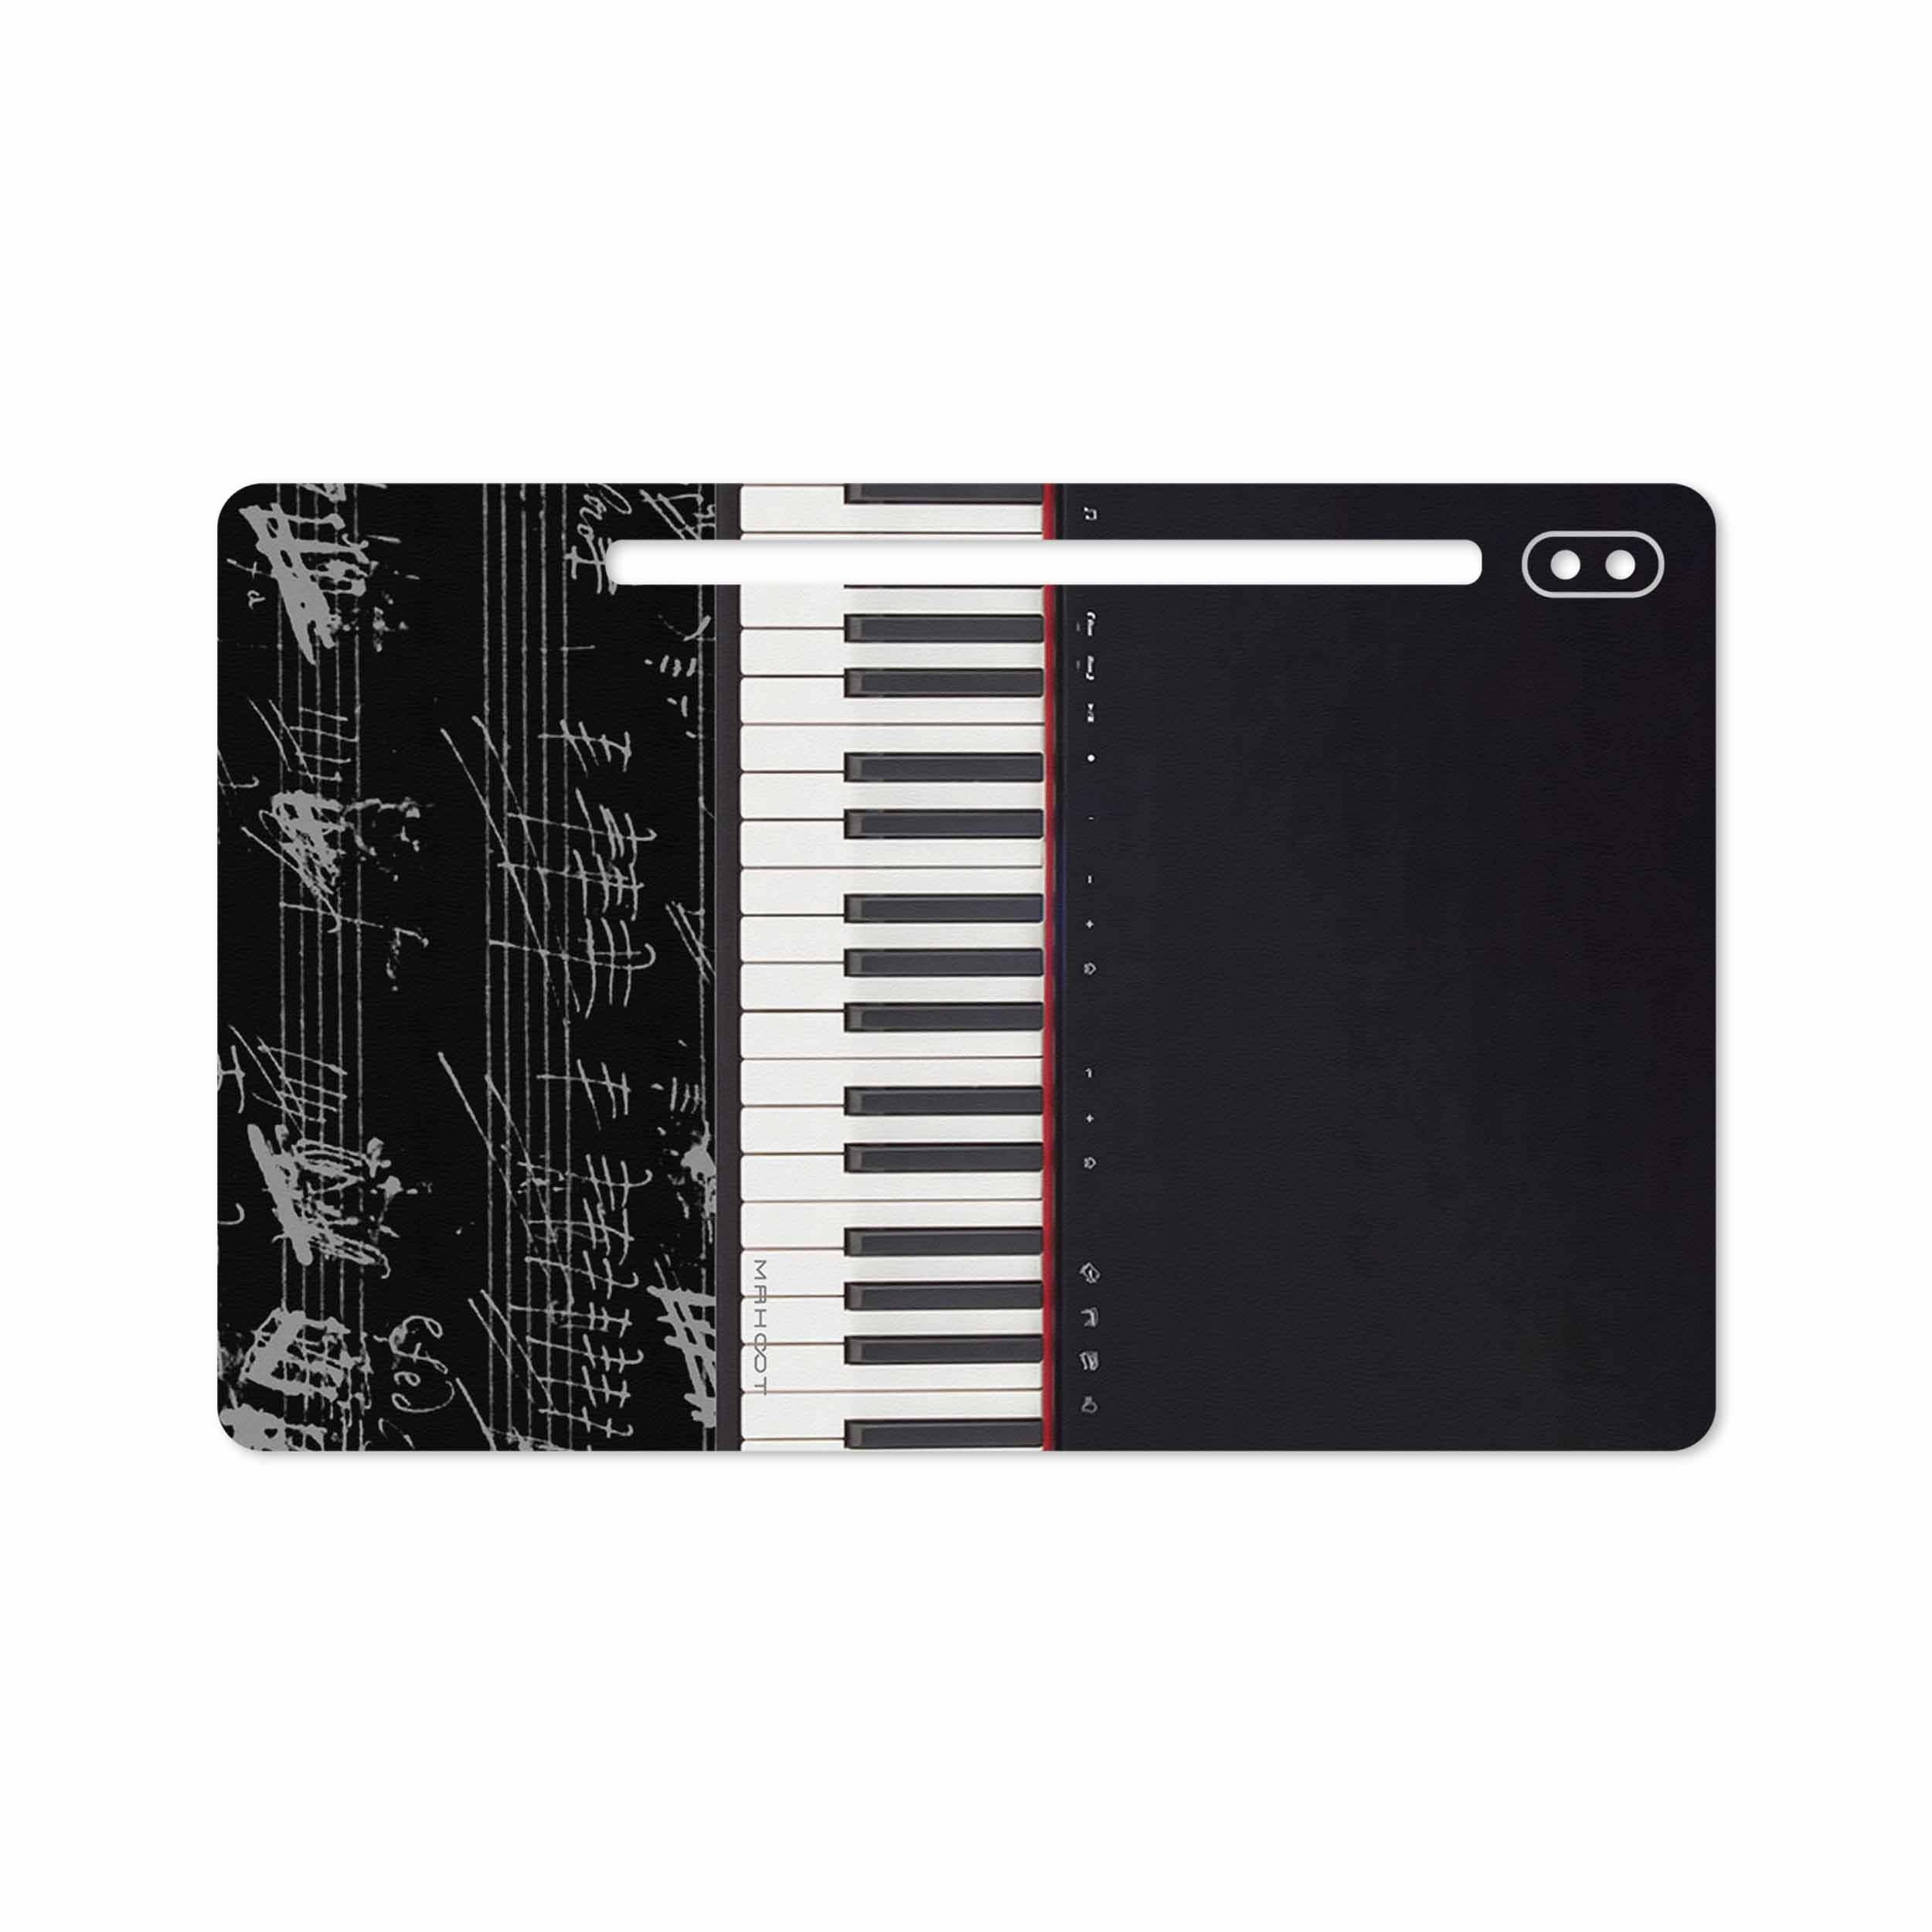 بررسی و خرید [با تخفیف]                                     برچسب پوششی ماهوت مدل Piano-Instrument مناسب برای تبلت سامسونگ Galaxy Tab S6 2019 SM-T865                             اورجینال